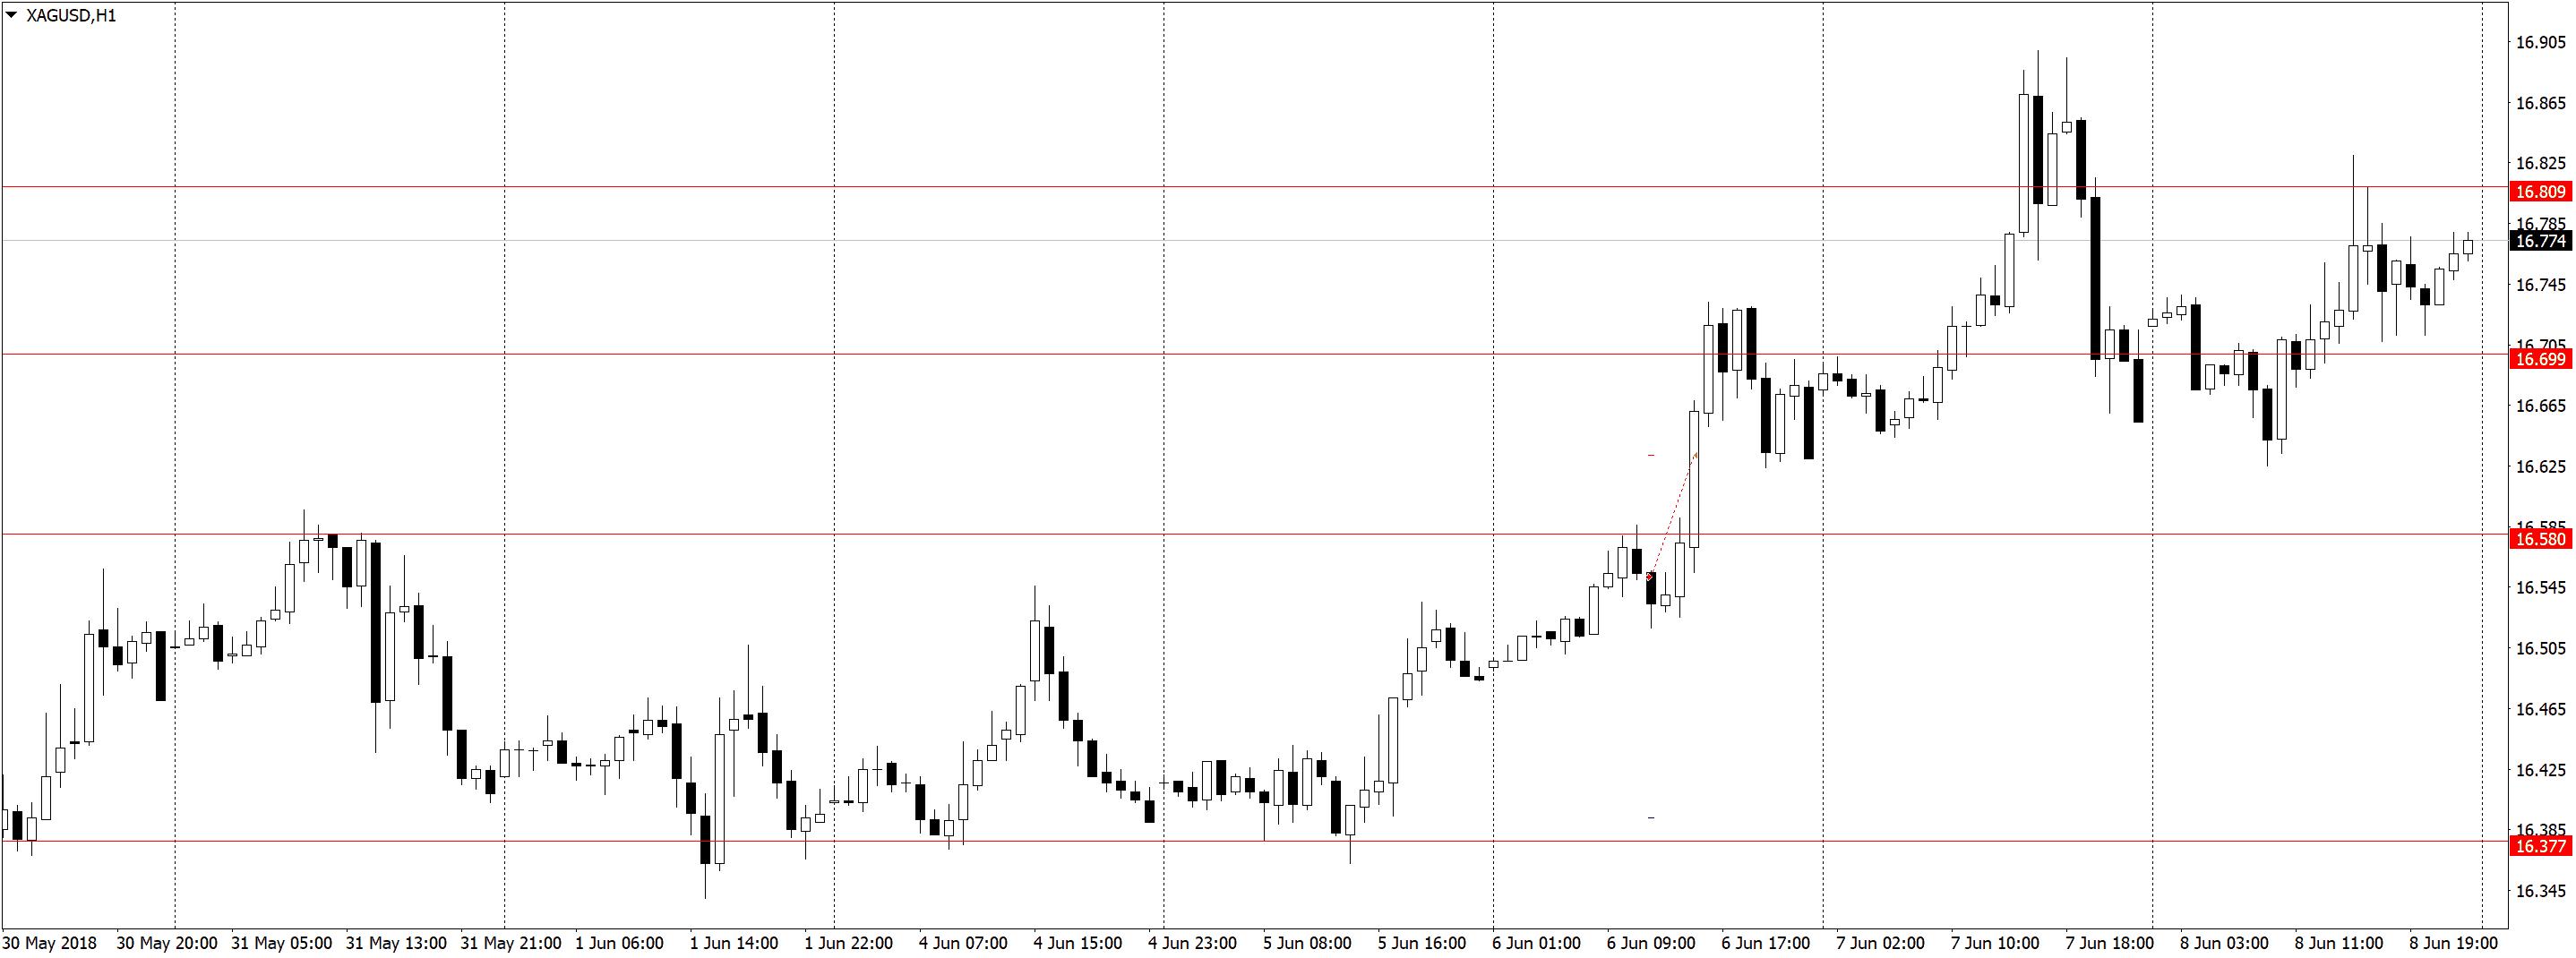 XAGUSDH1 Торговля по H1, трейдинг в удовольствие, три состояния рынка